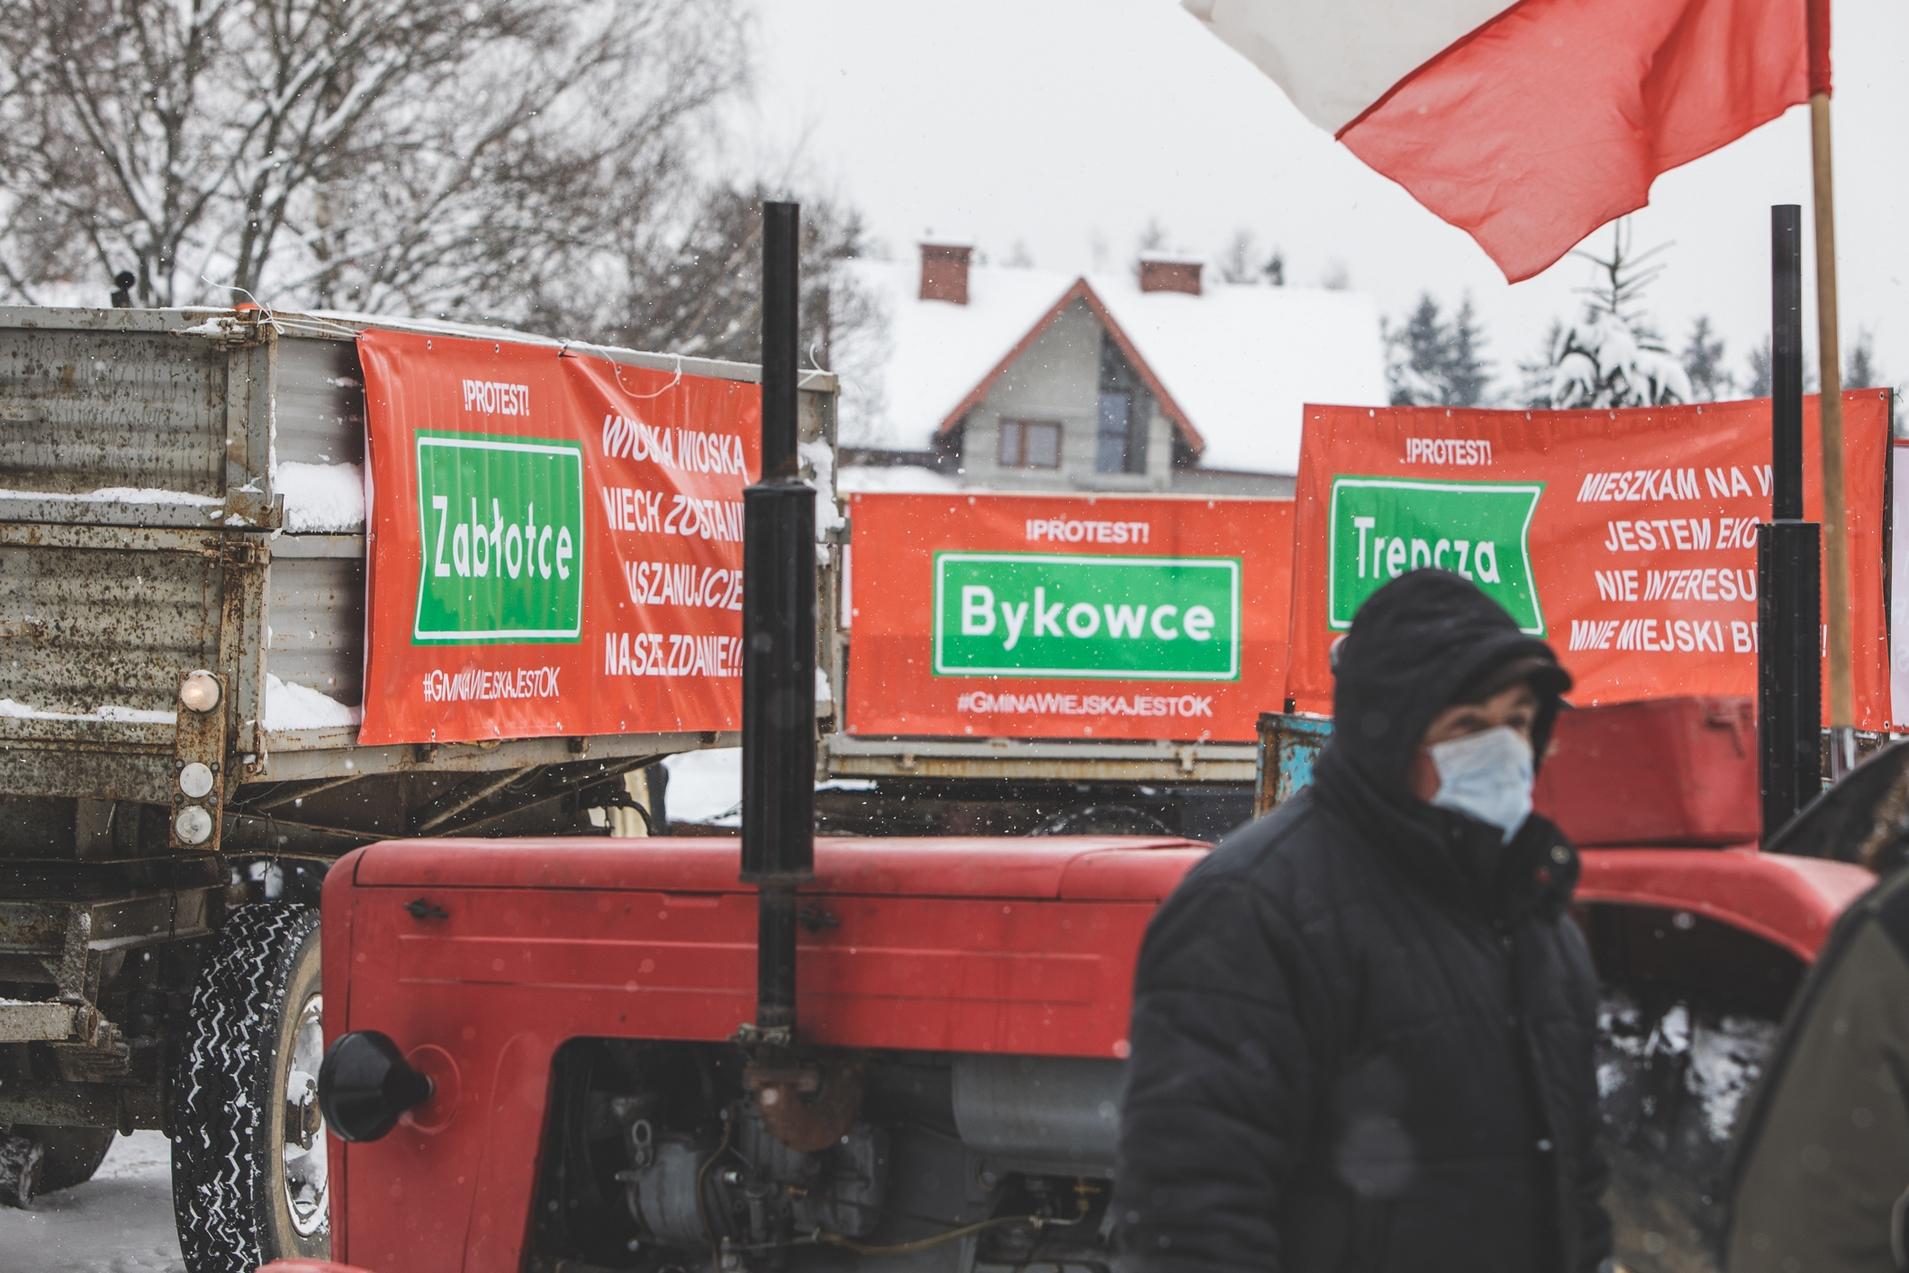 Traktory wyruszyły na protest! [ZDJECIA+FILM] - Zdjęcie główne